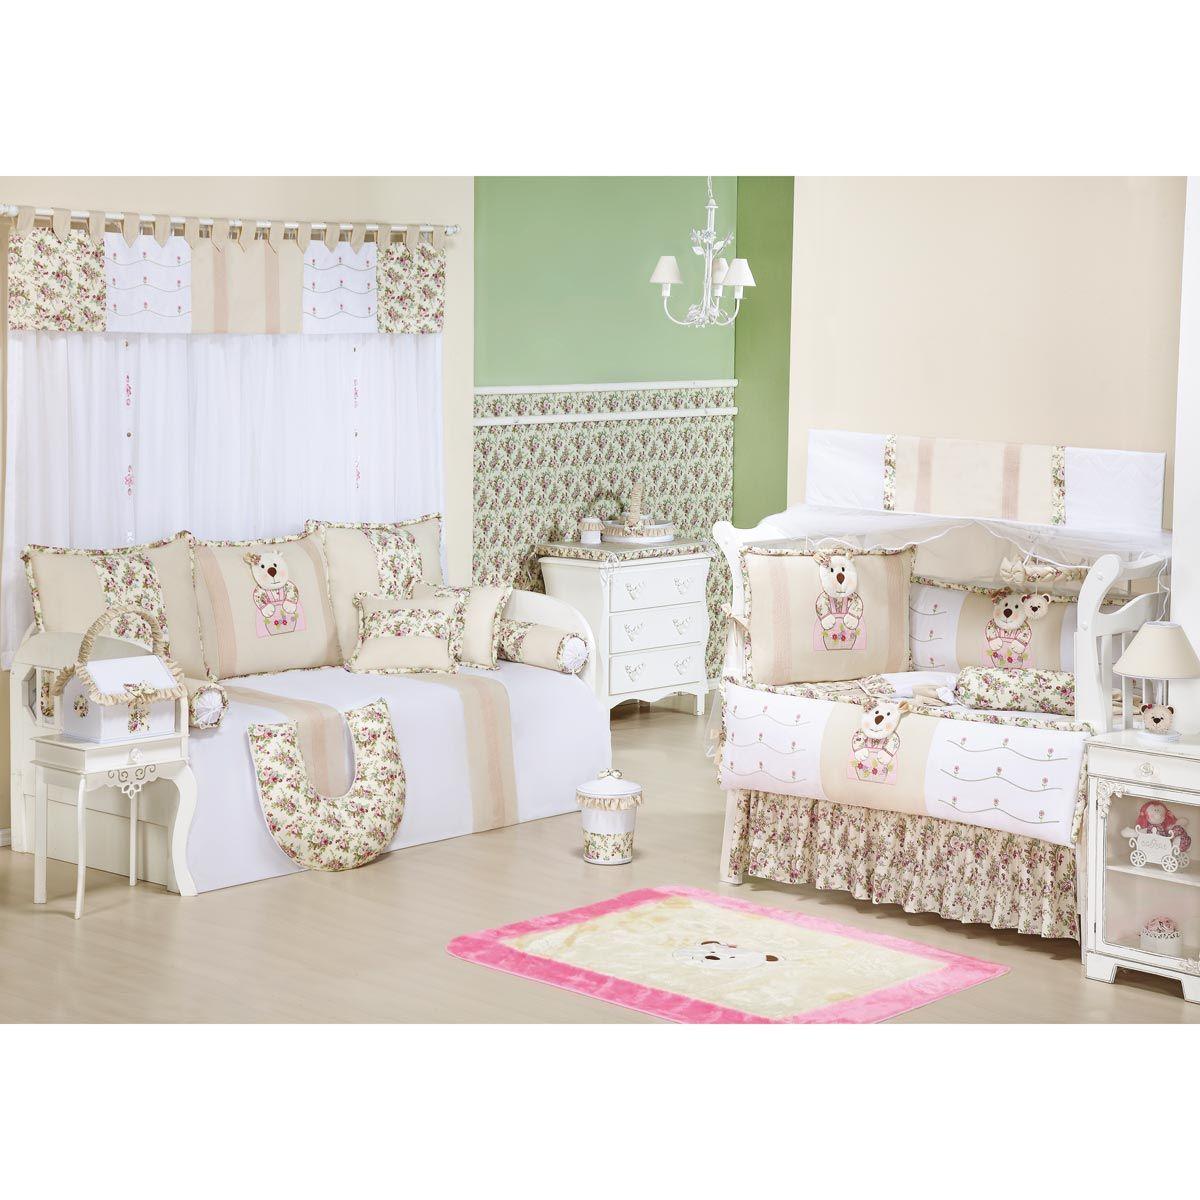 Tapete para Quarto de Bebê de Pelúcia - Coleção Keka